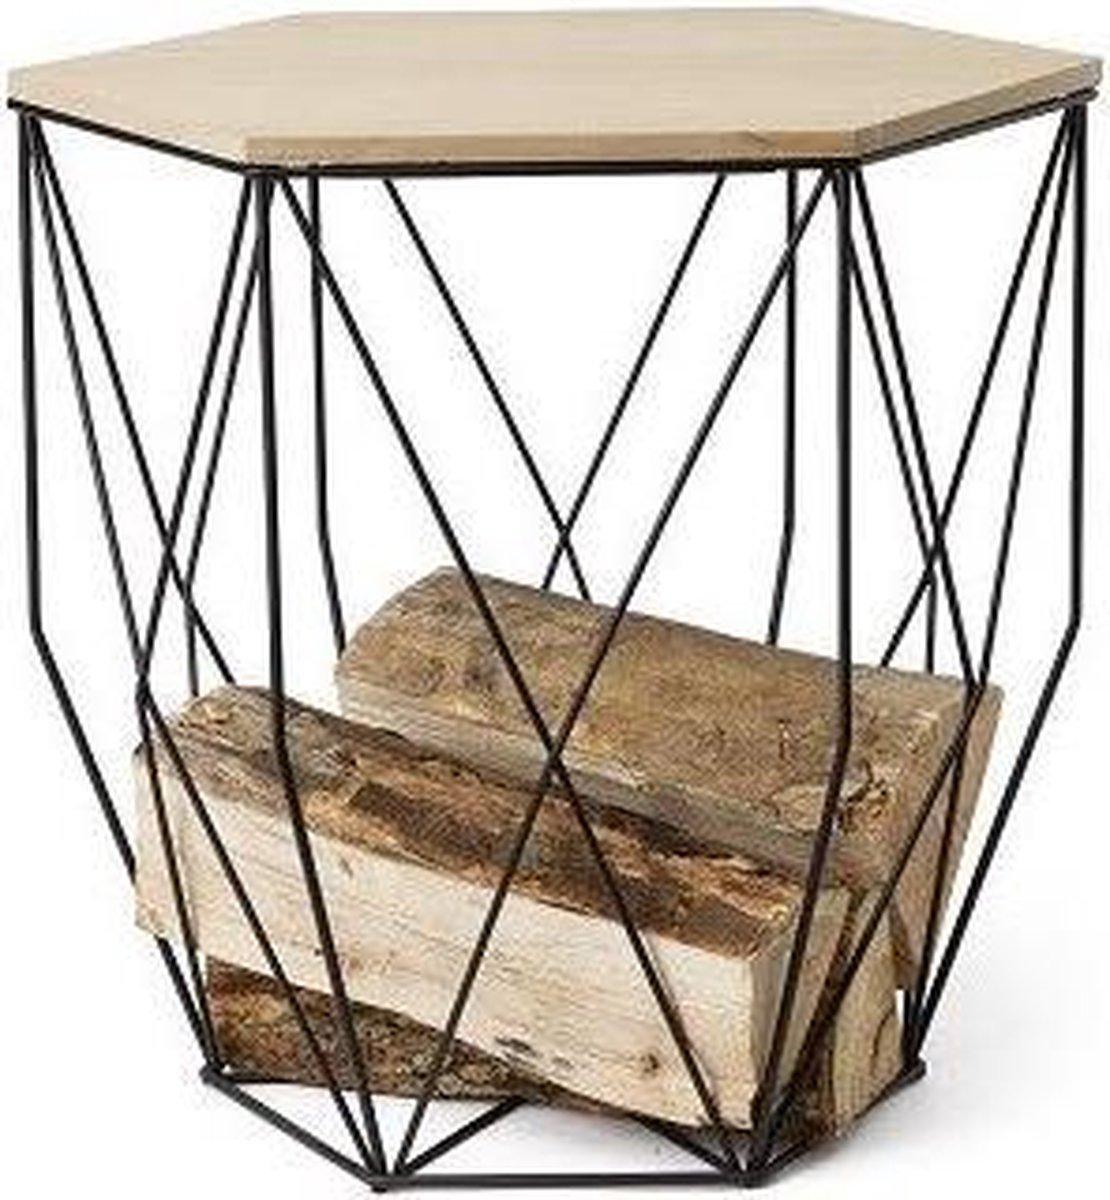 Bijzettafel- opbergmand metaal- met houten deksel 40x35x39 cm - DIt & Dat &zo